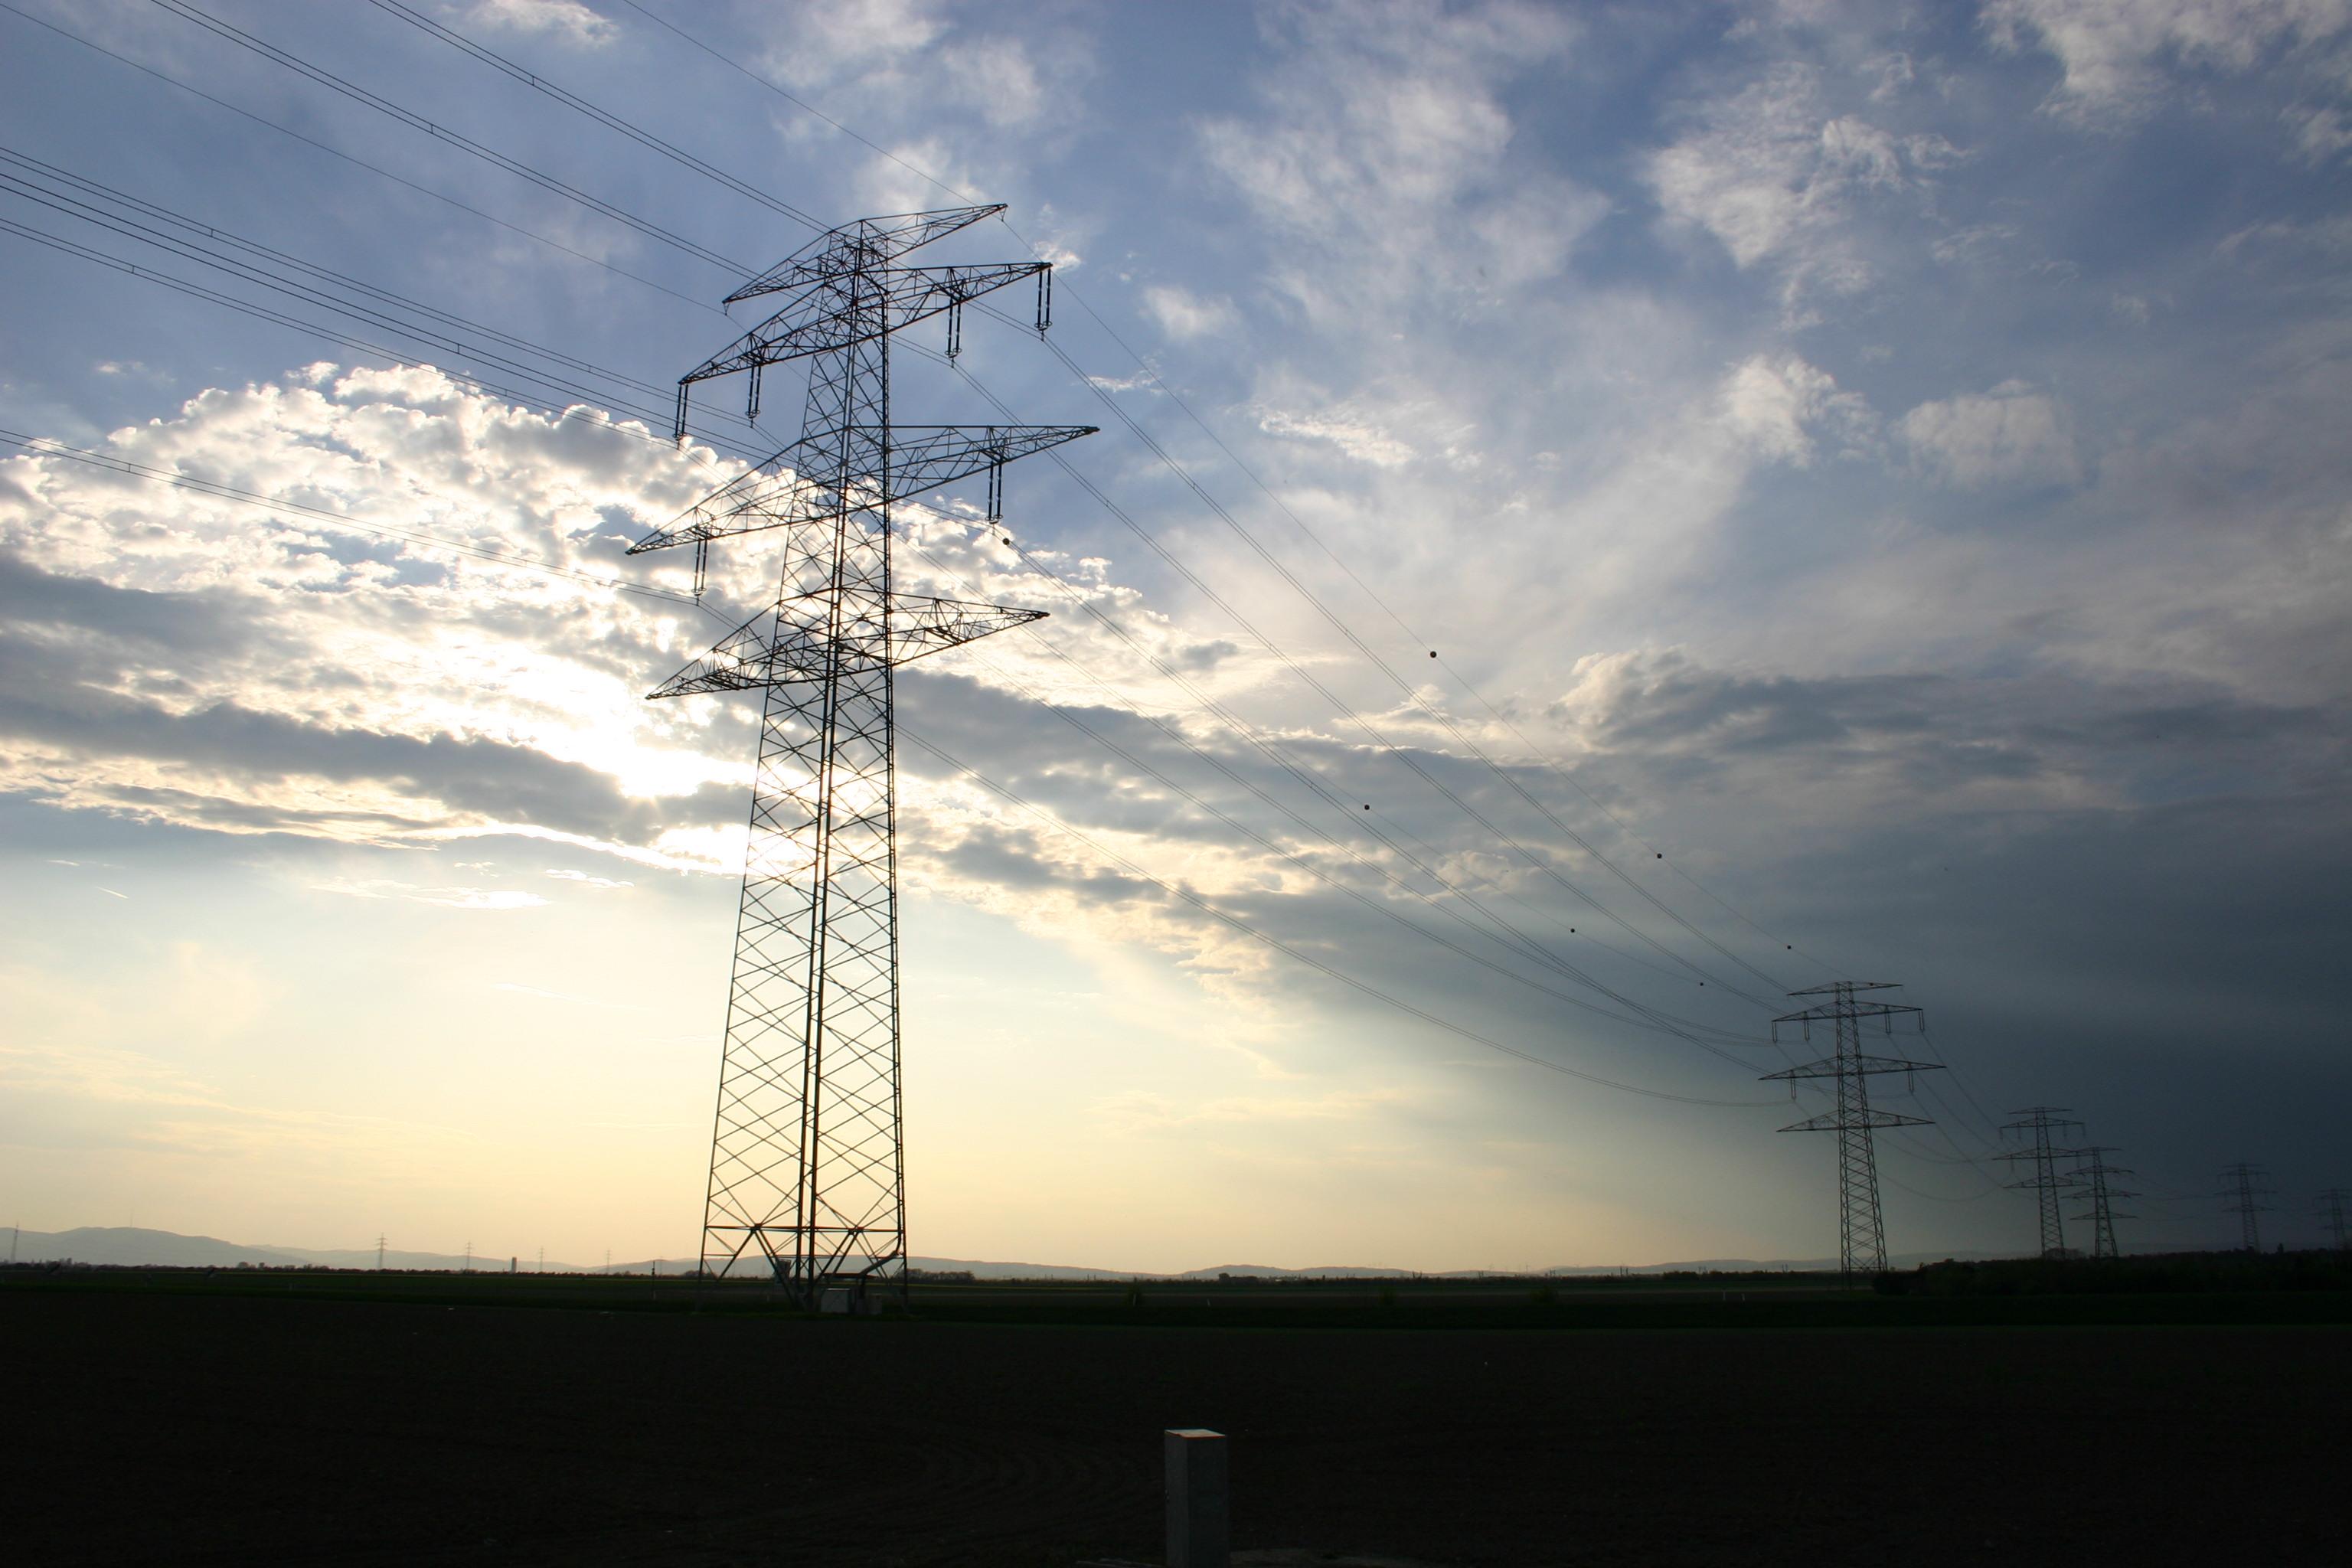 Trasmissione di energia elettrica - Wikipedia